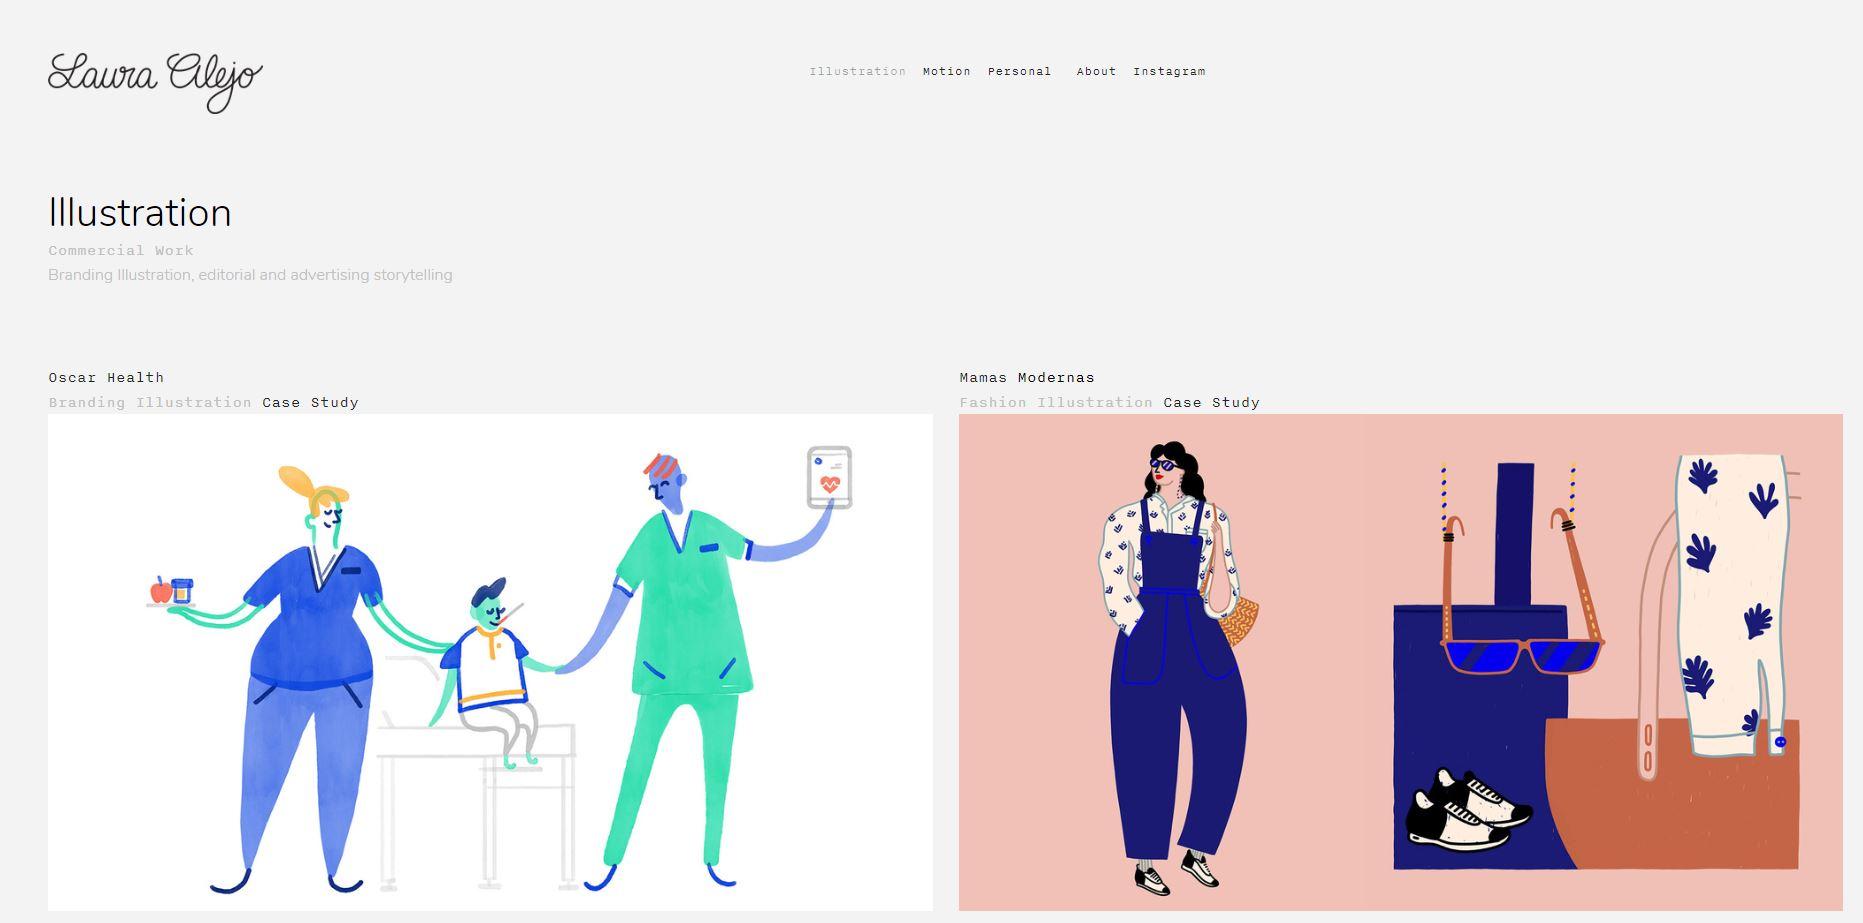 mujeres-artistas-lauraalejo-diseño